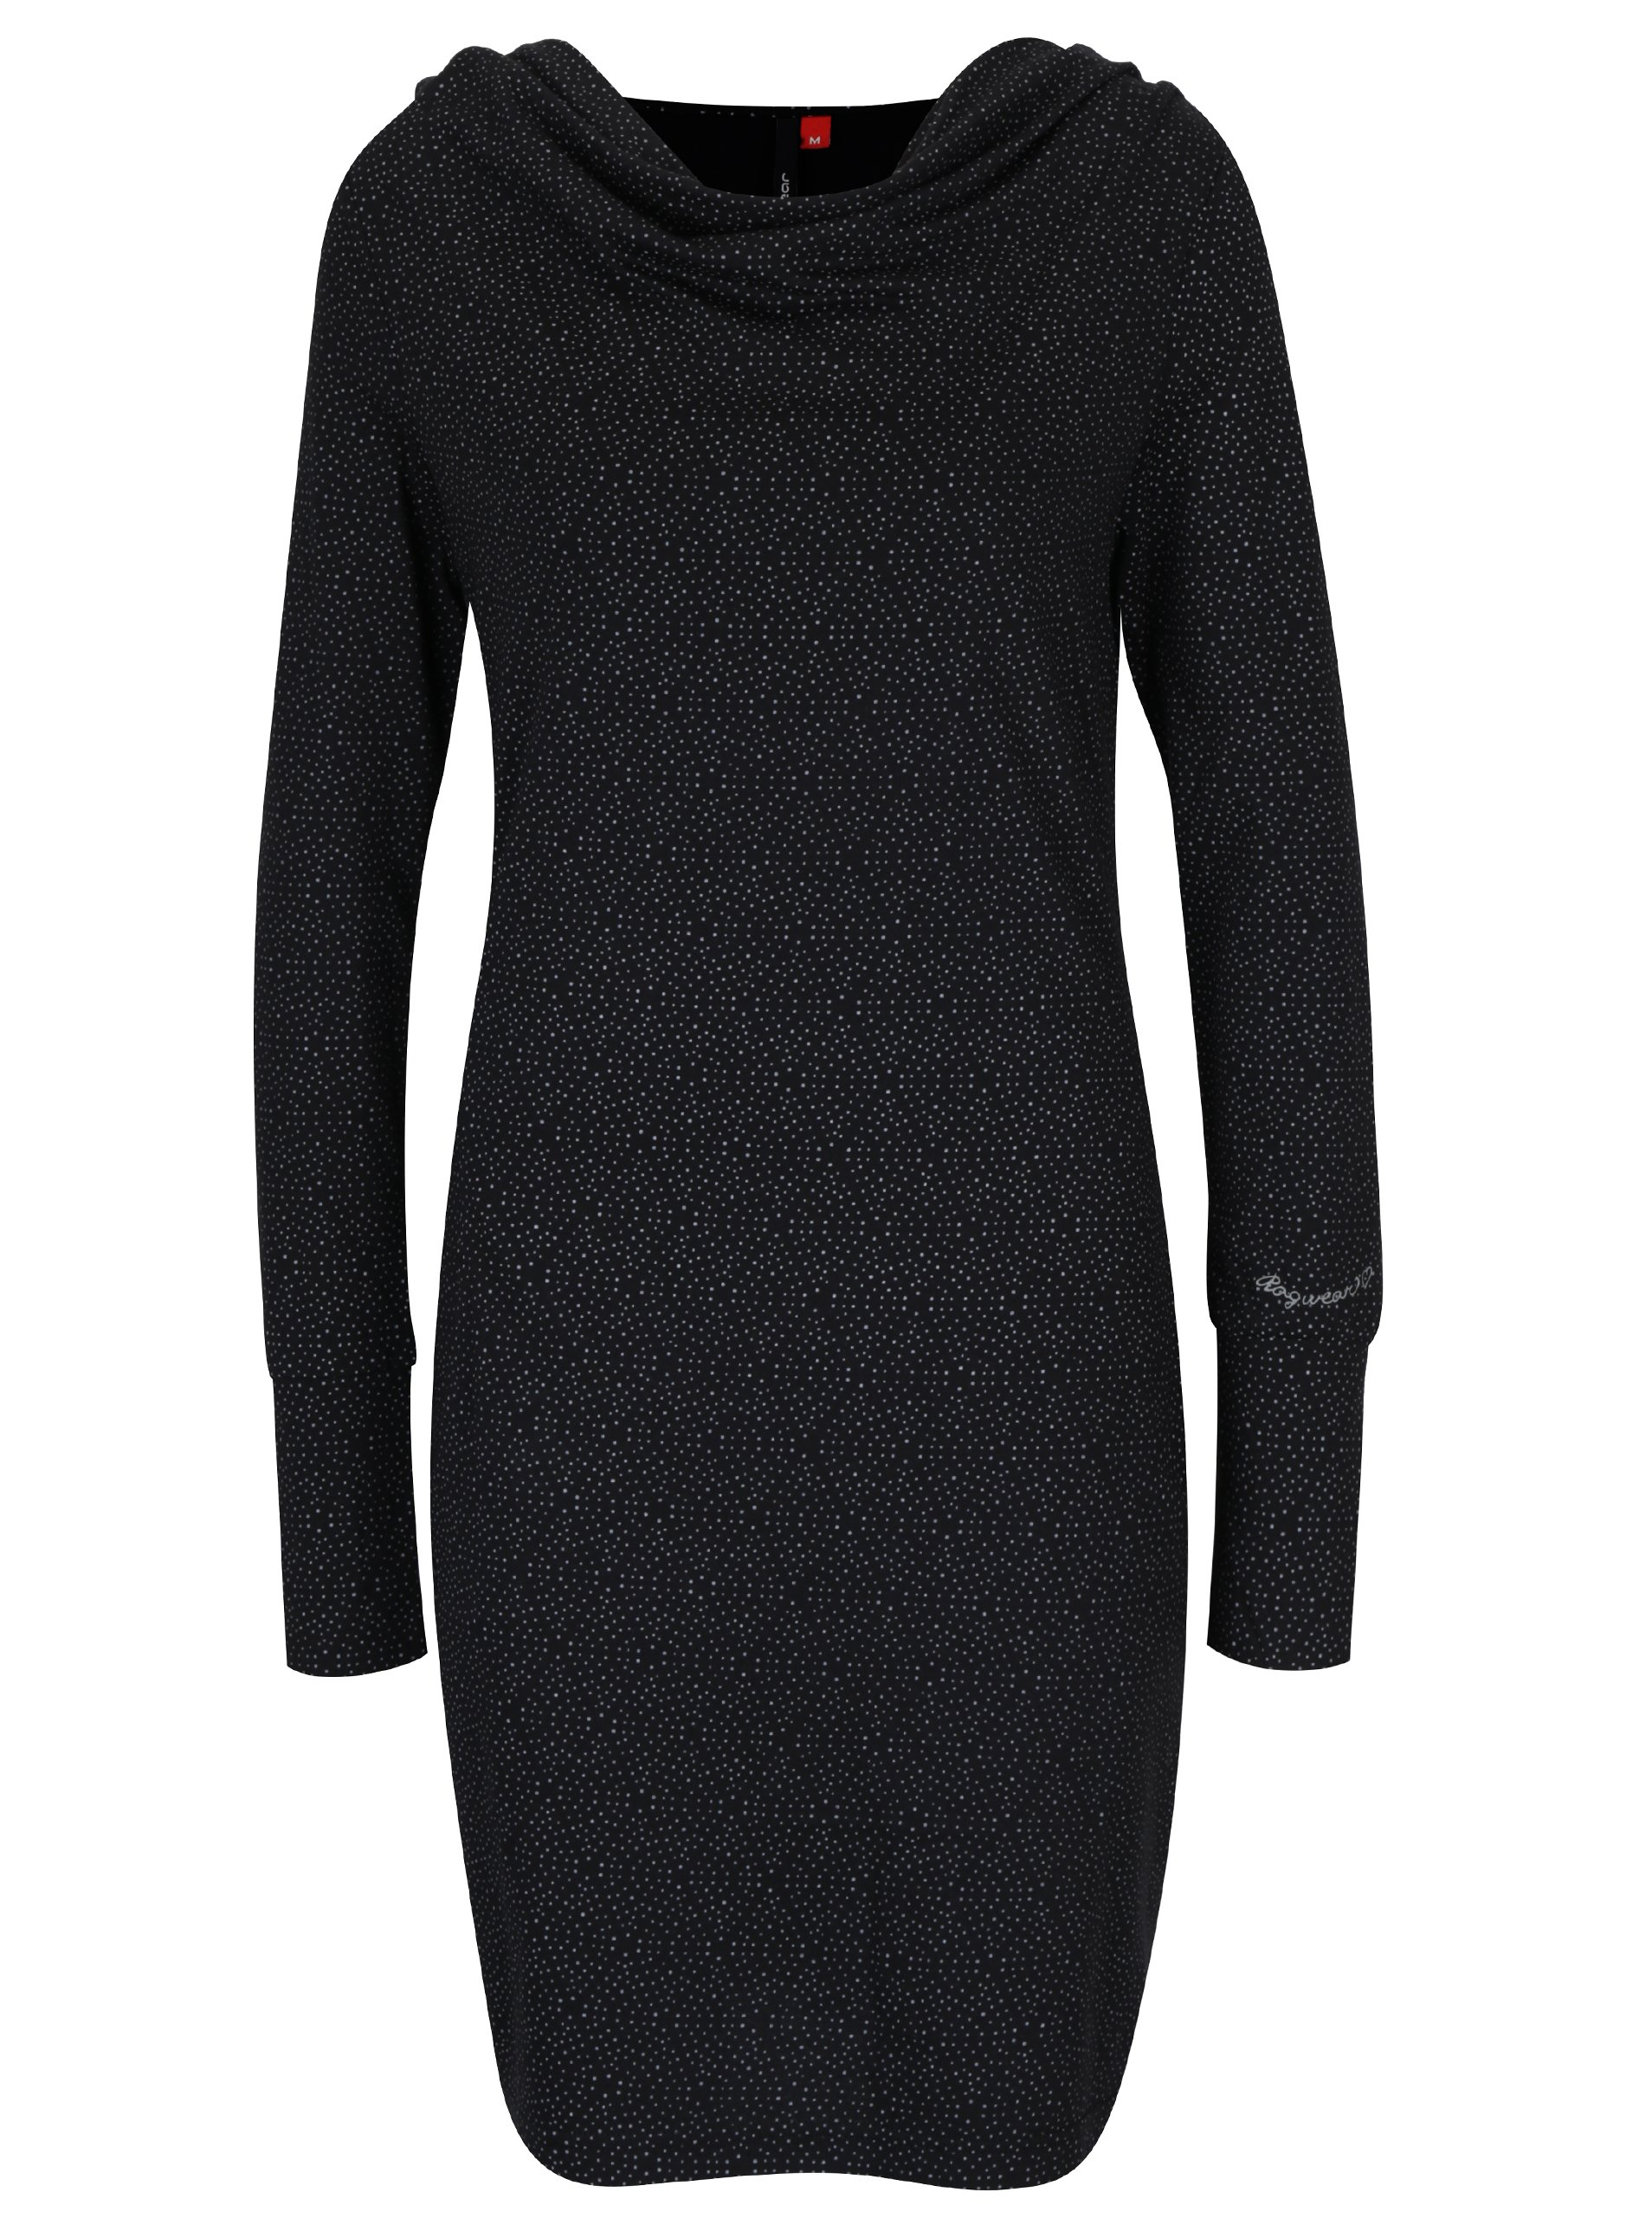 Černé vzorované šaty s dlouhým rukávem Ragwear River